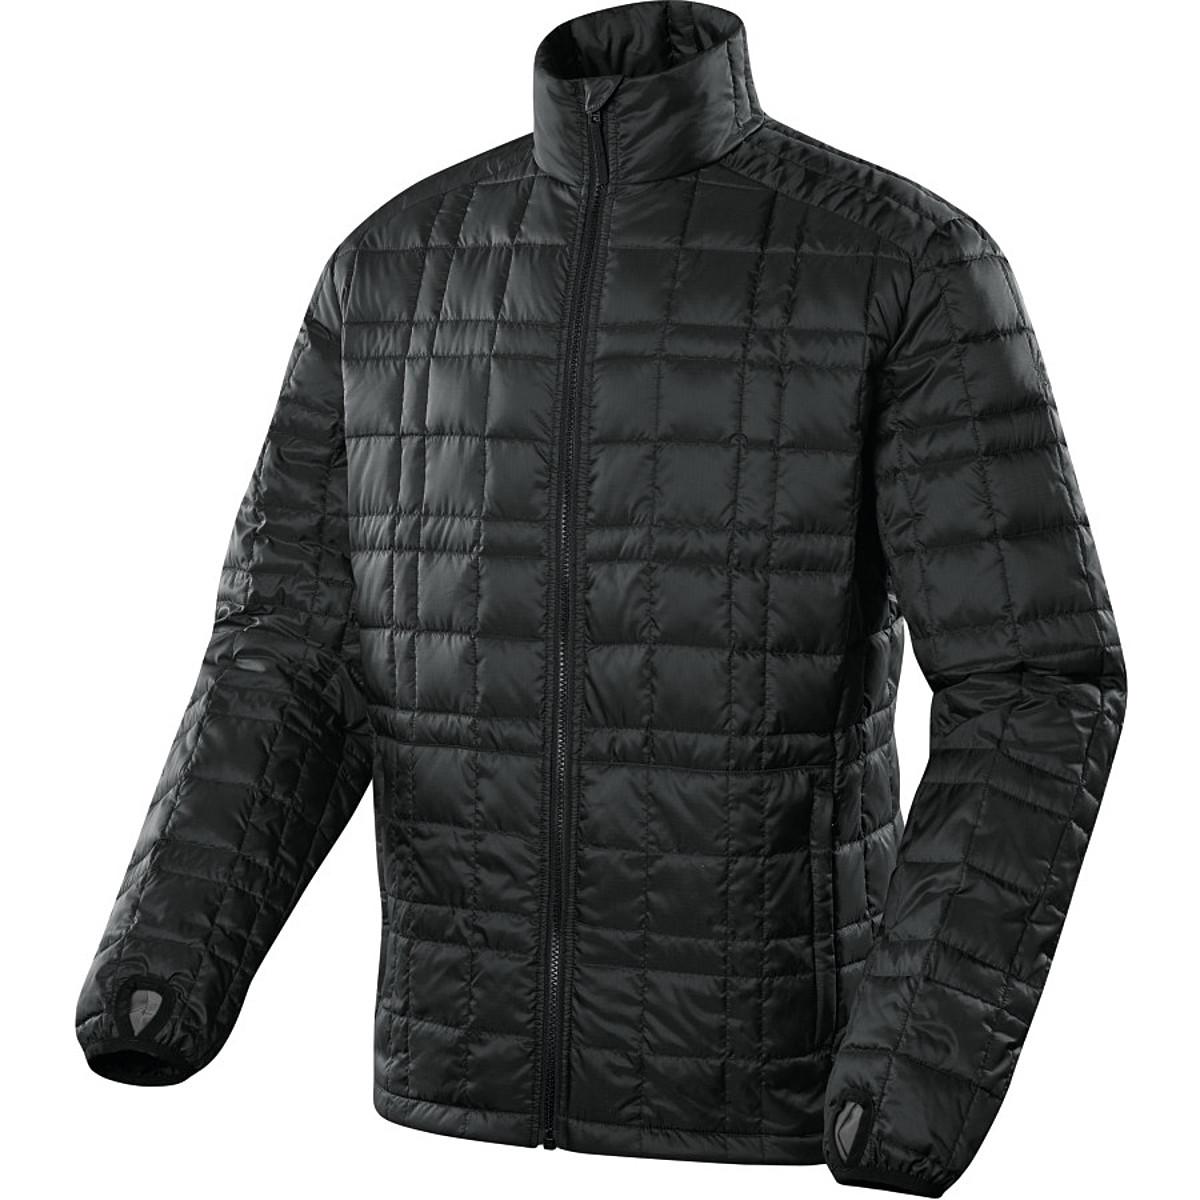 Sierra Designs DriDown Sweater